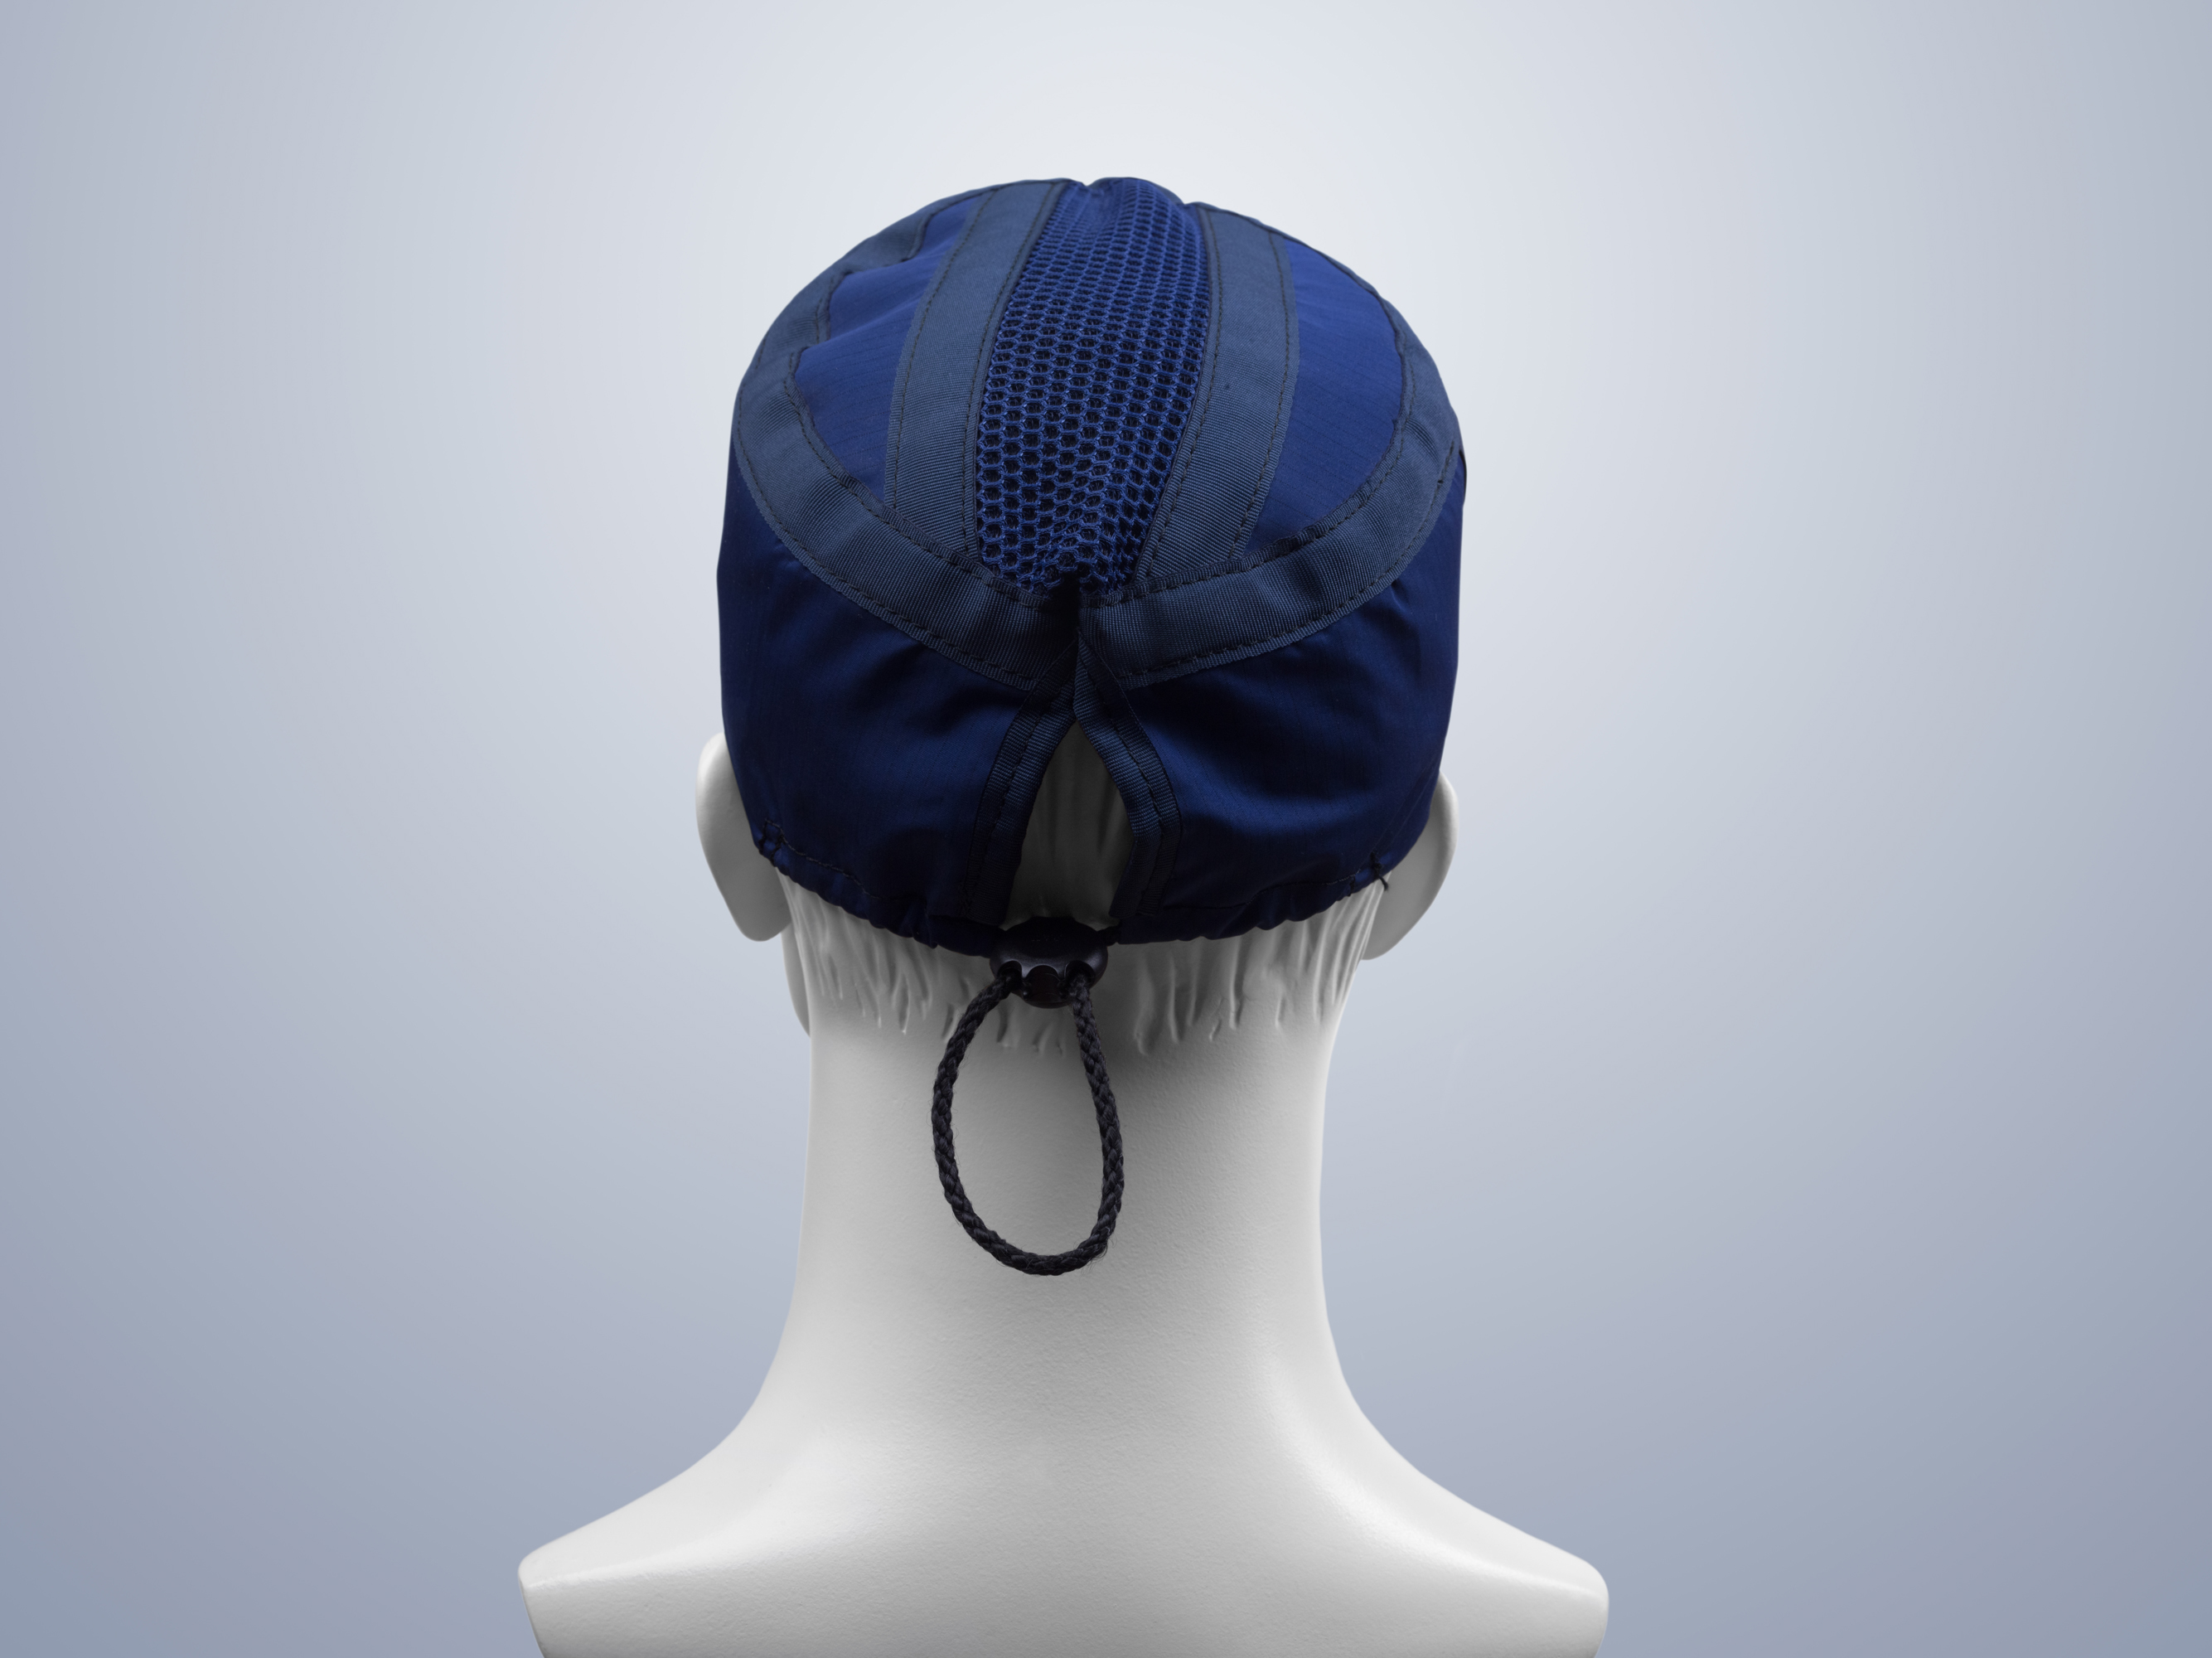 X-Ray Protective Head Cap